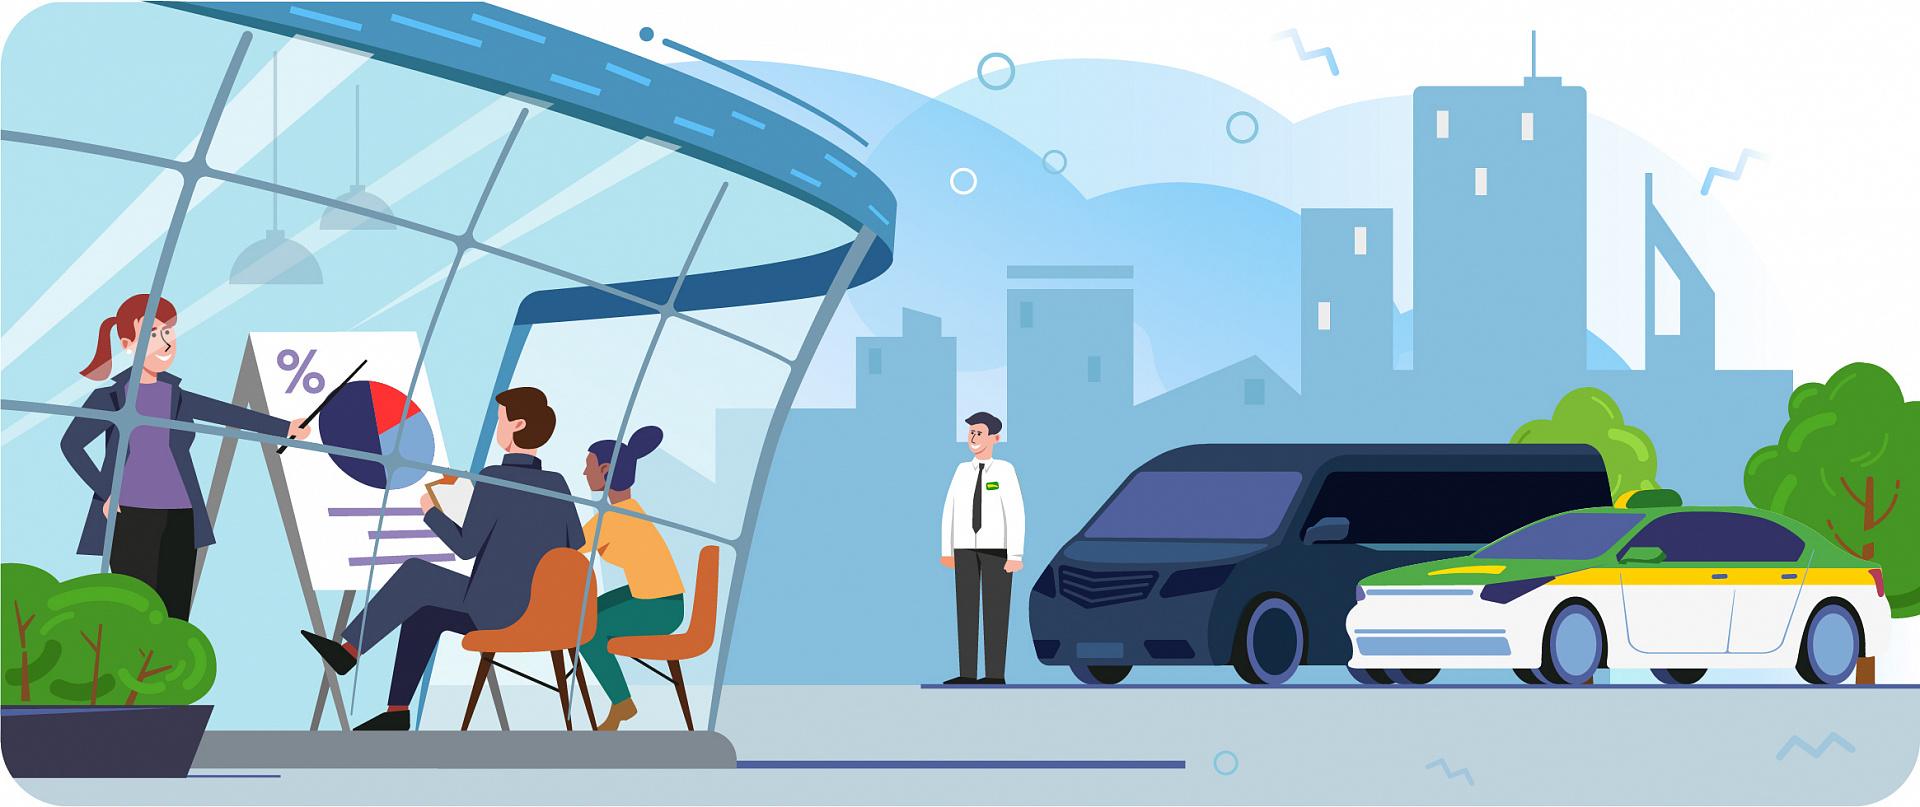 Такси для бизнеса